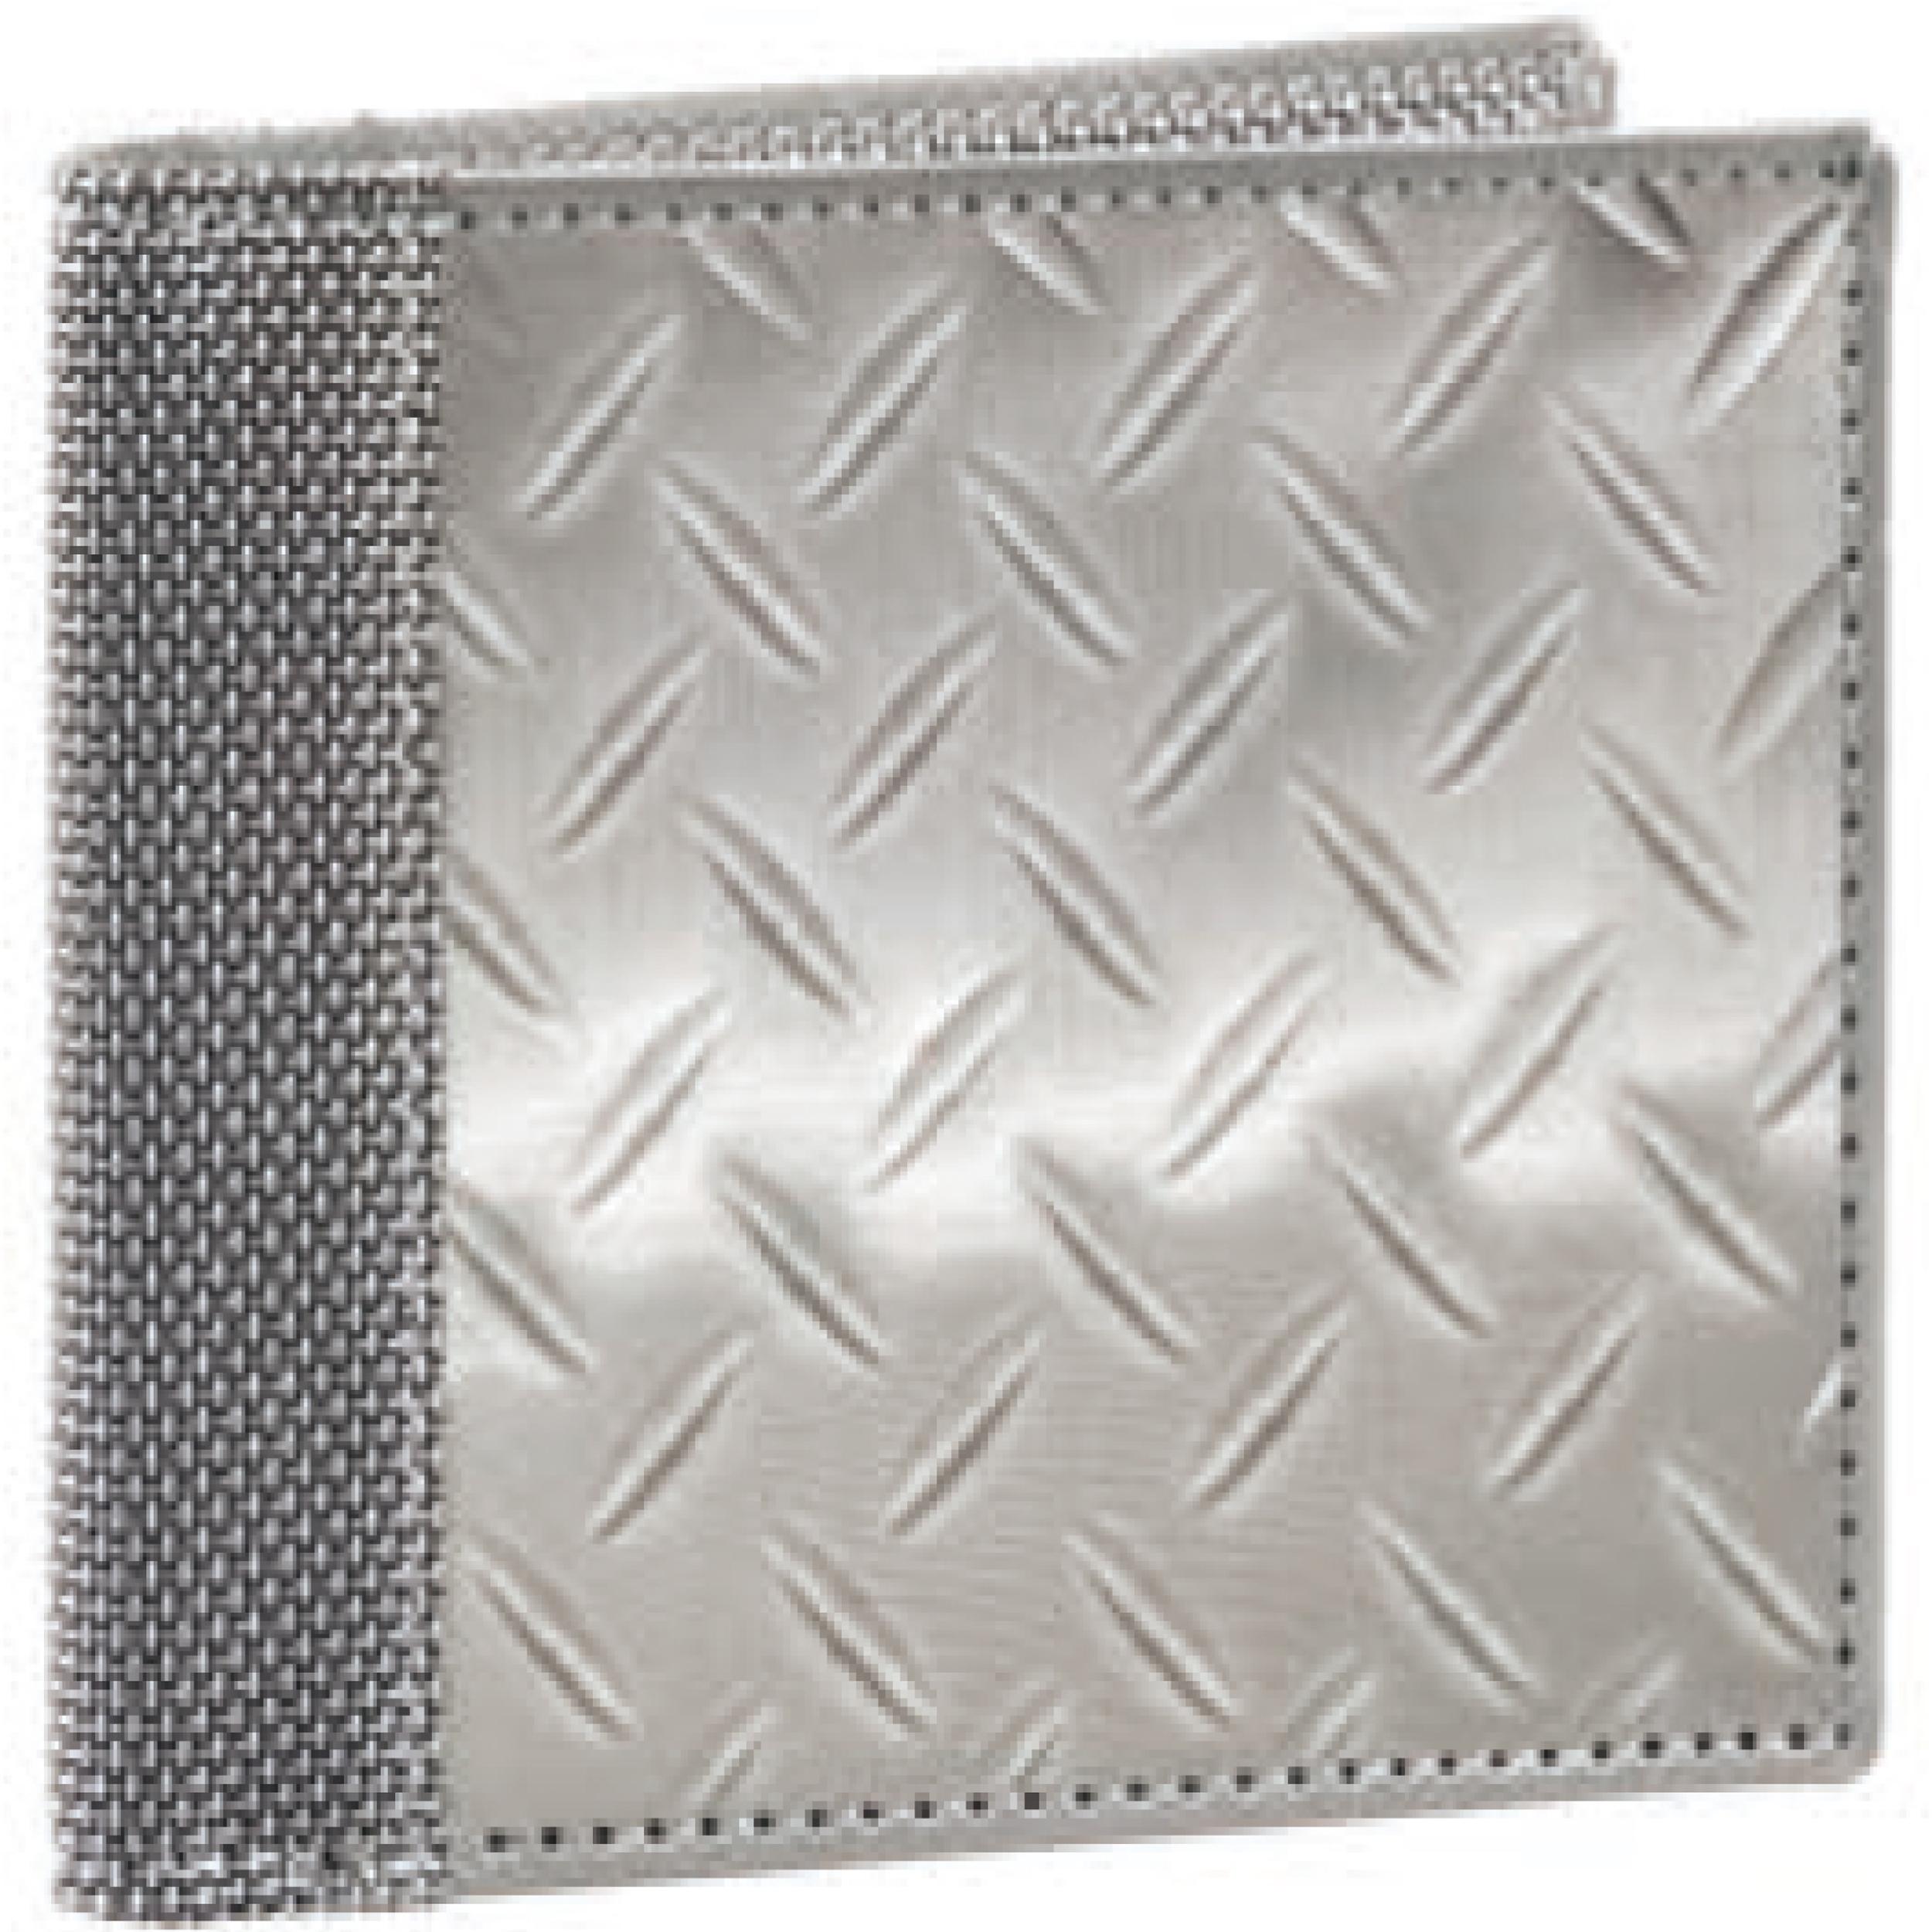 スチュワートスタンド  BF3701 ステンレス生地 ダイヤモンドプレート柄 2つ折財布 71522